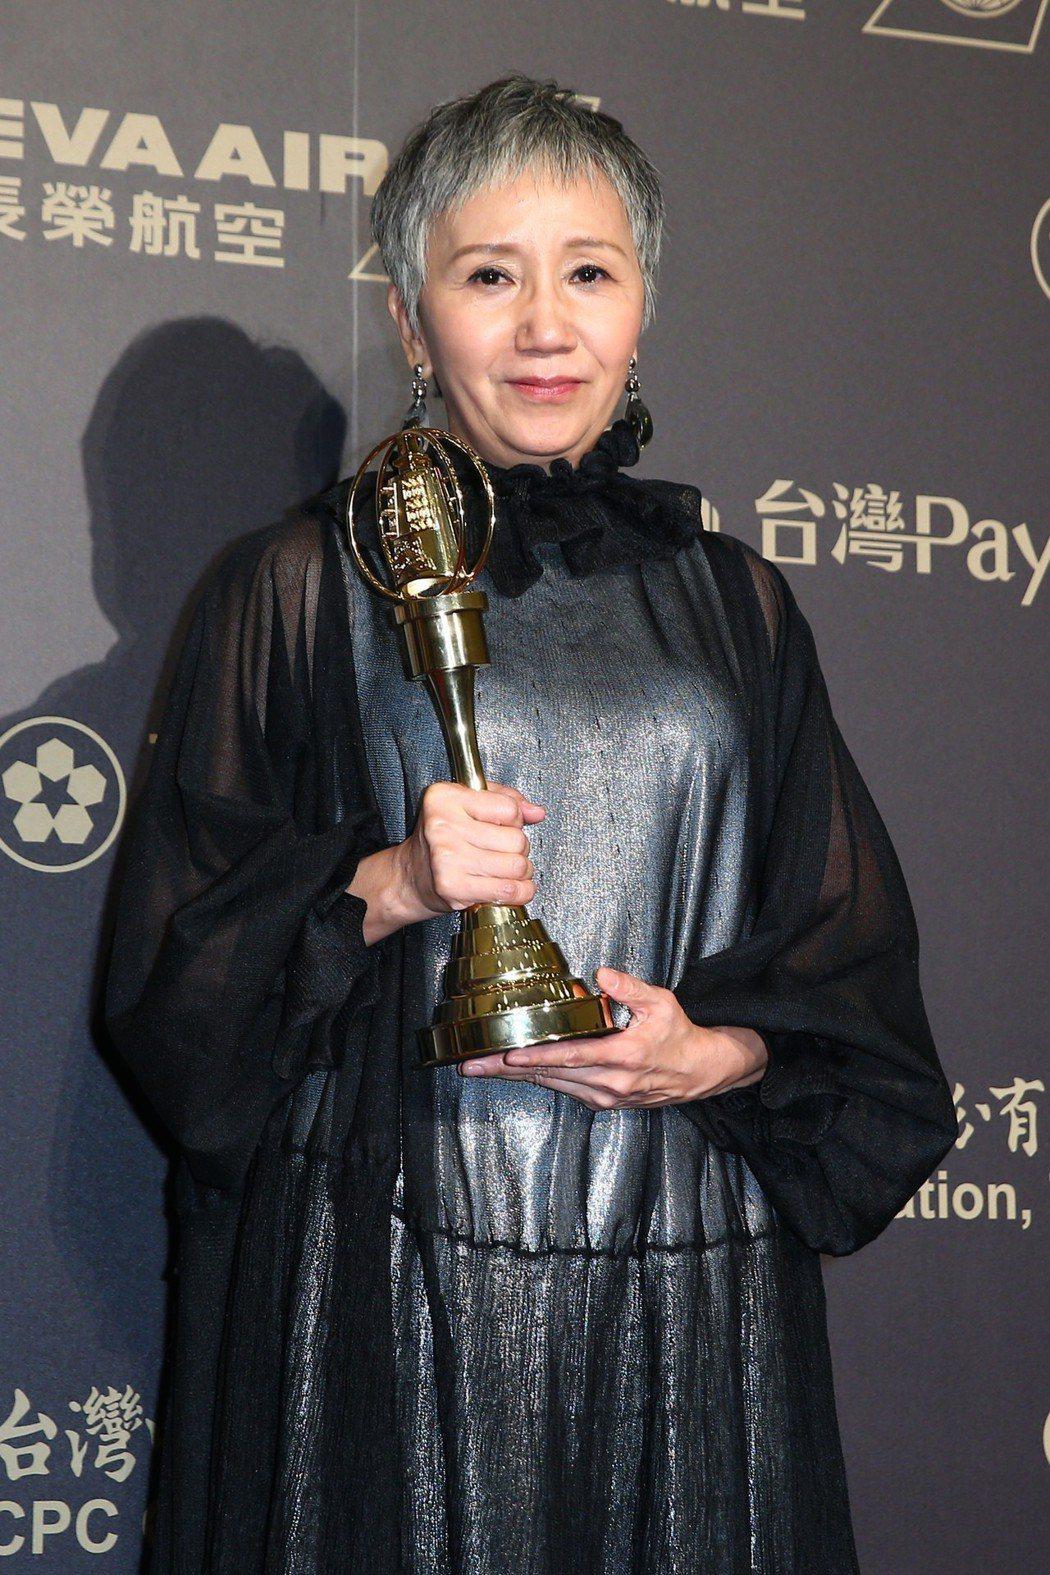 第五十三屆金鐘獎,陸弈靜獲迷你劇集(電視電影)女主角獎。記者王騰毅/攝影